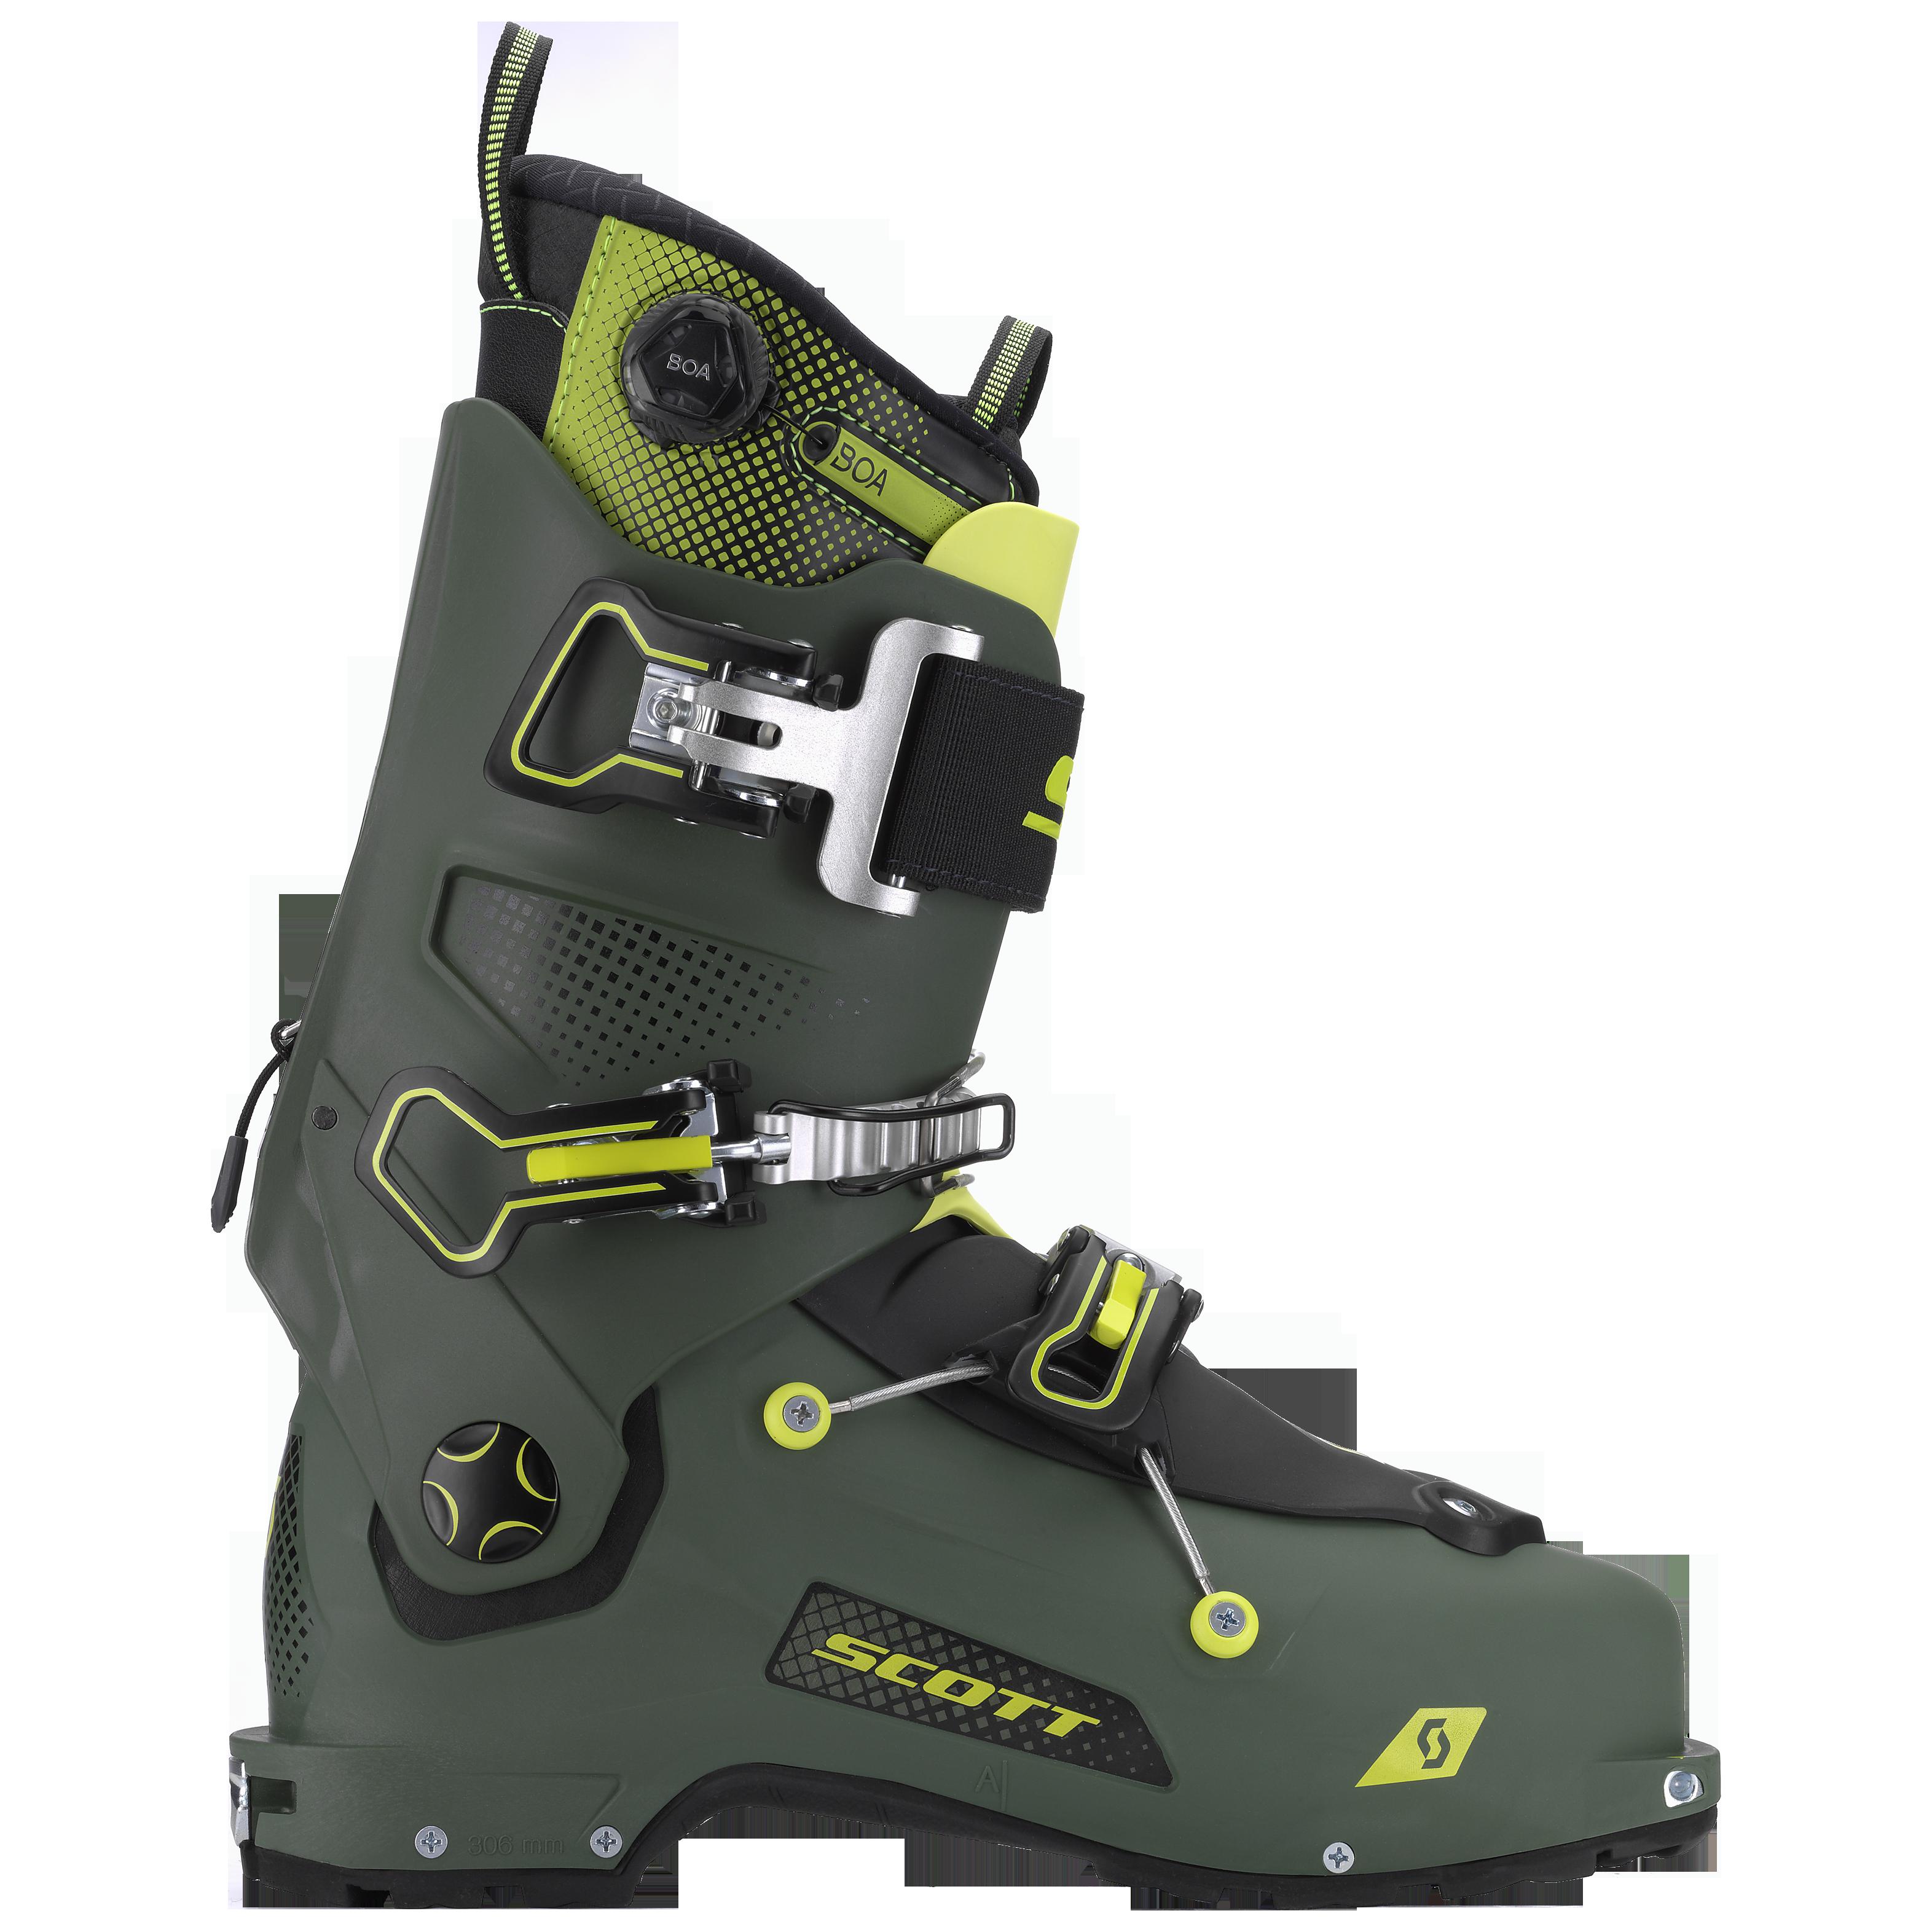 Ausrüstung für Abenteuer in den Bergen – Scott Winterkollektion 20/21